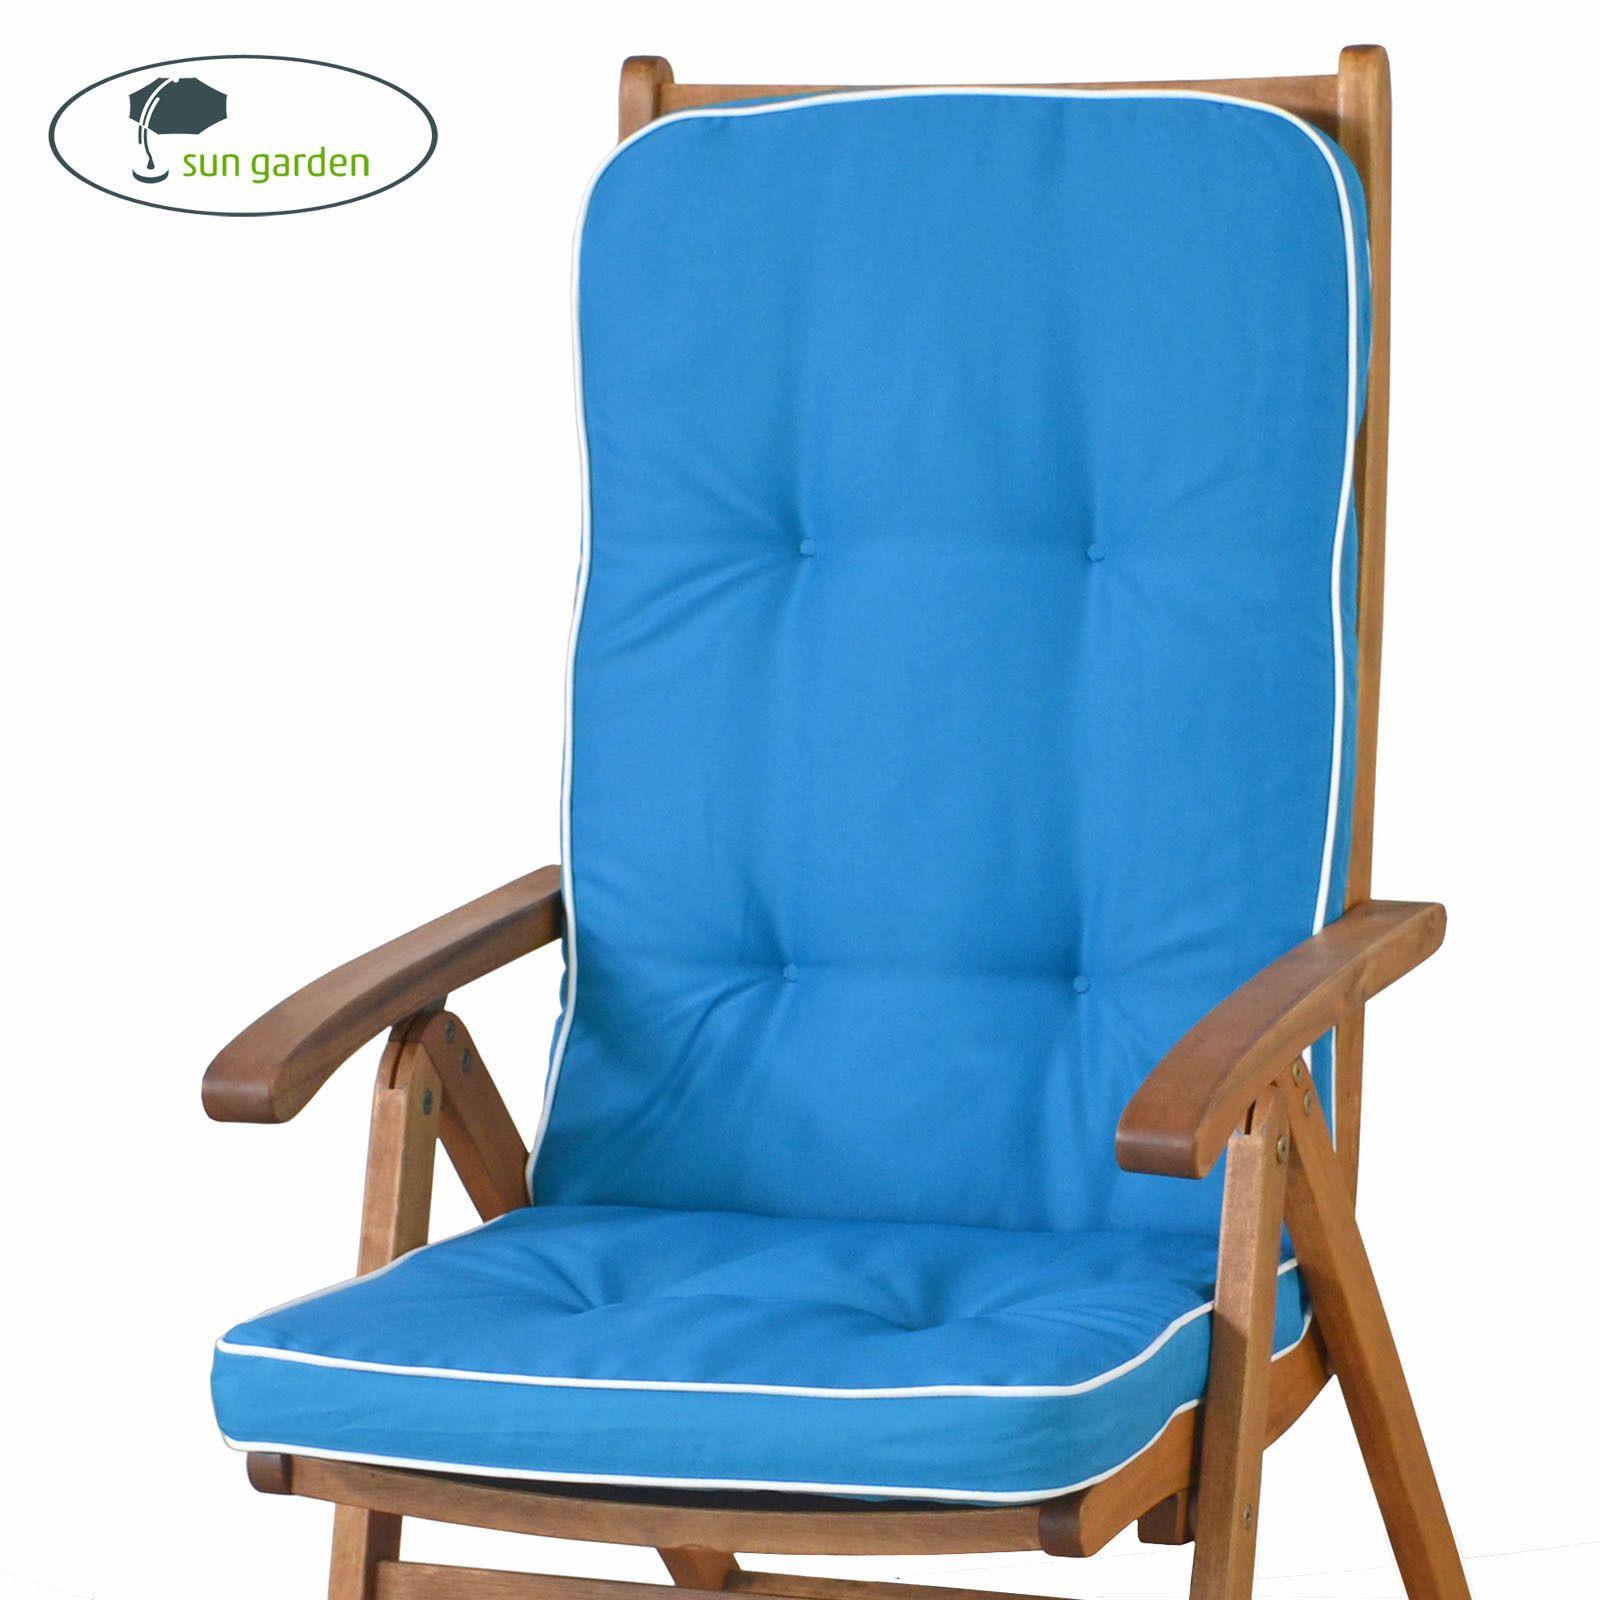 6 Auflagen Fur Hochlehner Sessel Hoch In Blau Gartenmobel Gartenpolster Kissensparen25 Com Sparen25 De Sparen25 Info Sessel Blau Blaue Gartenmobel Sessel